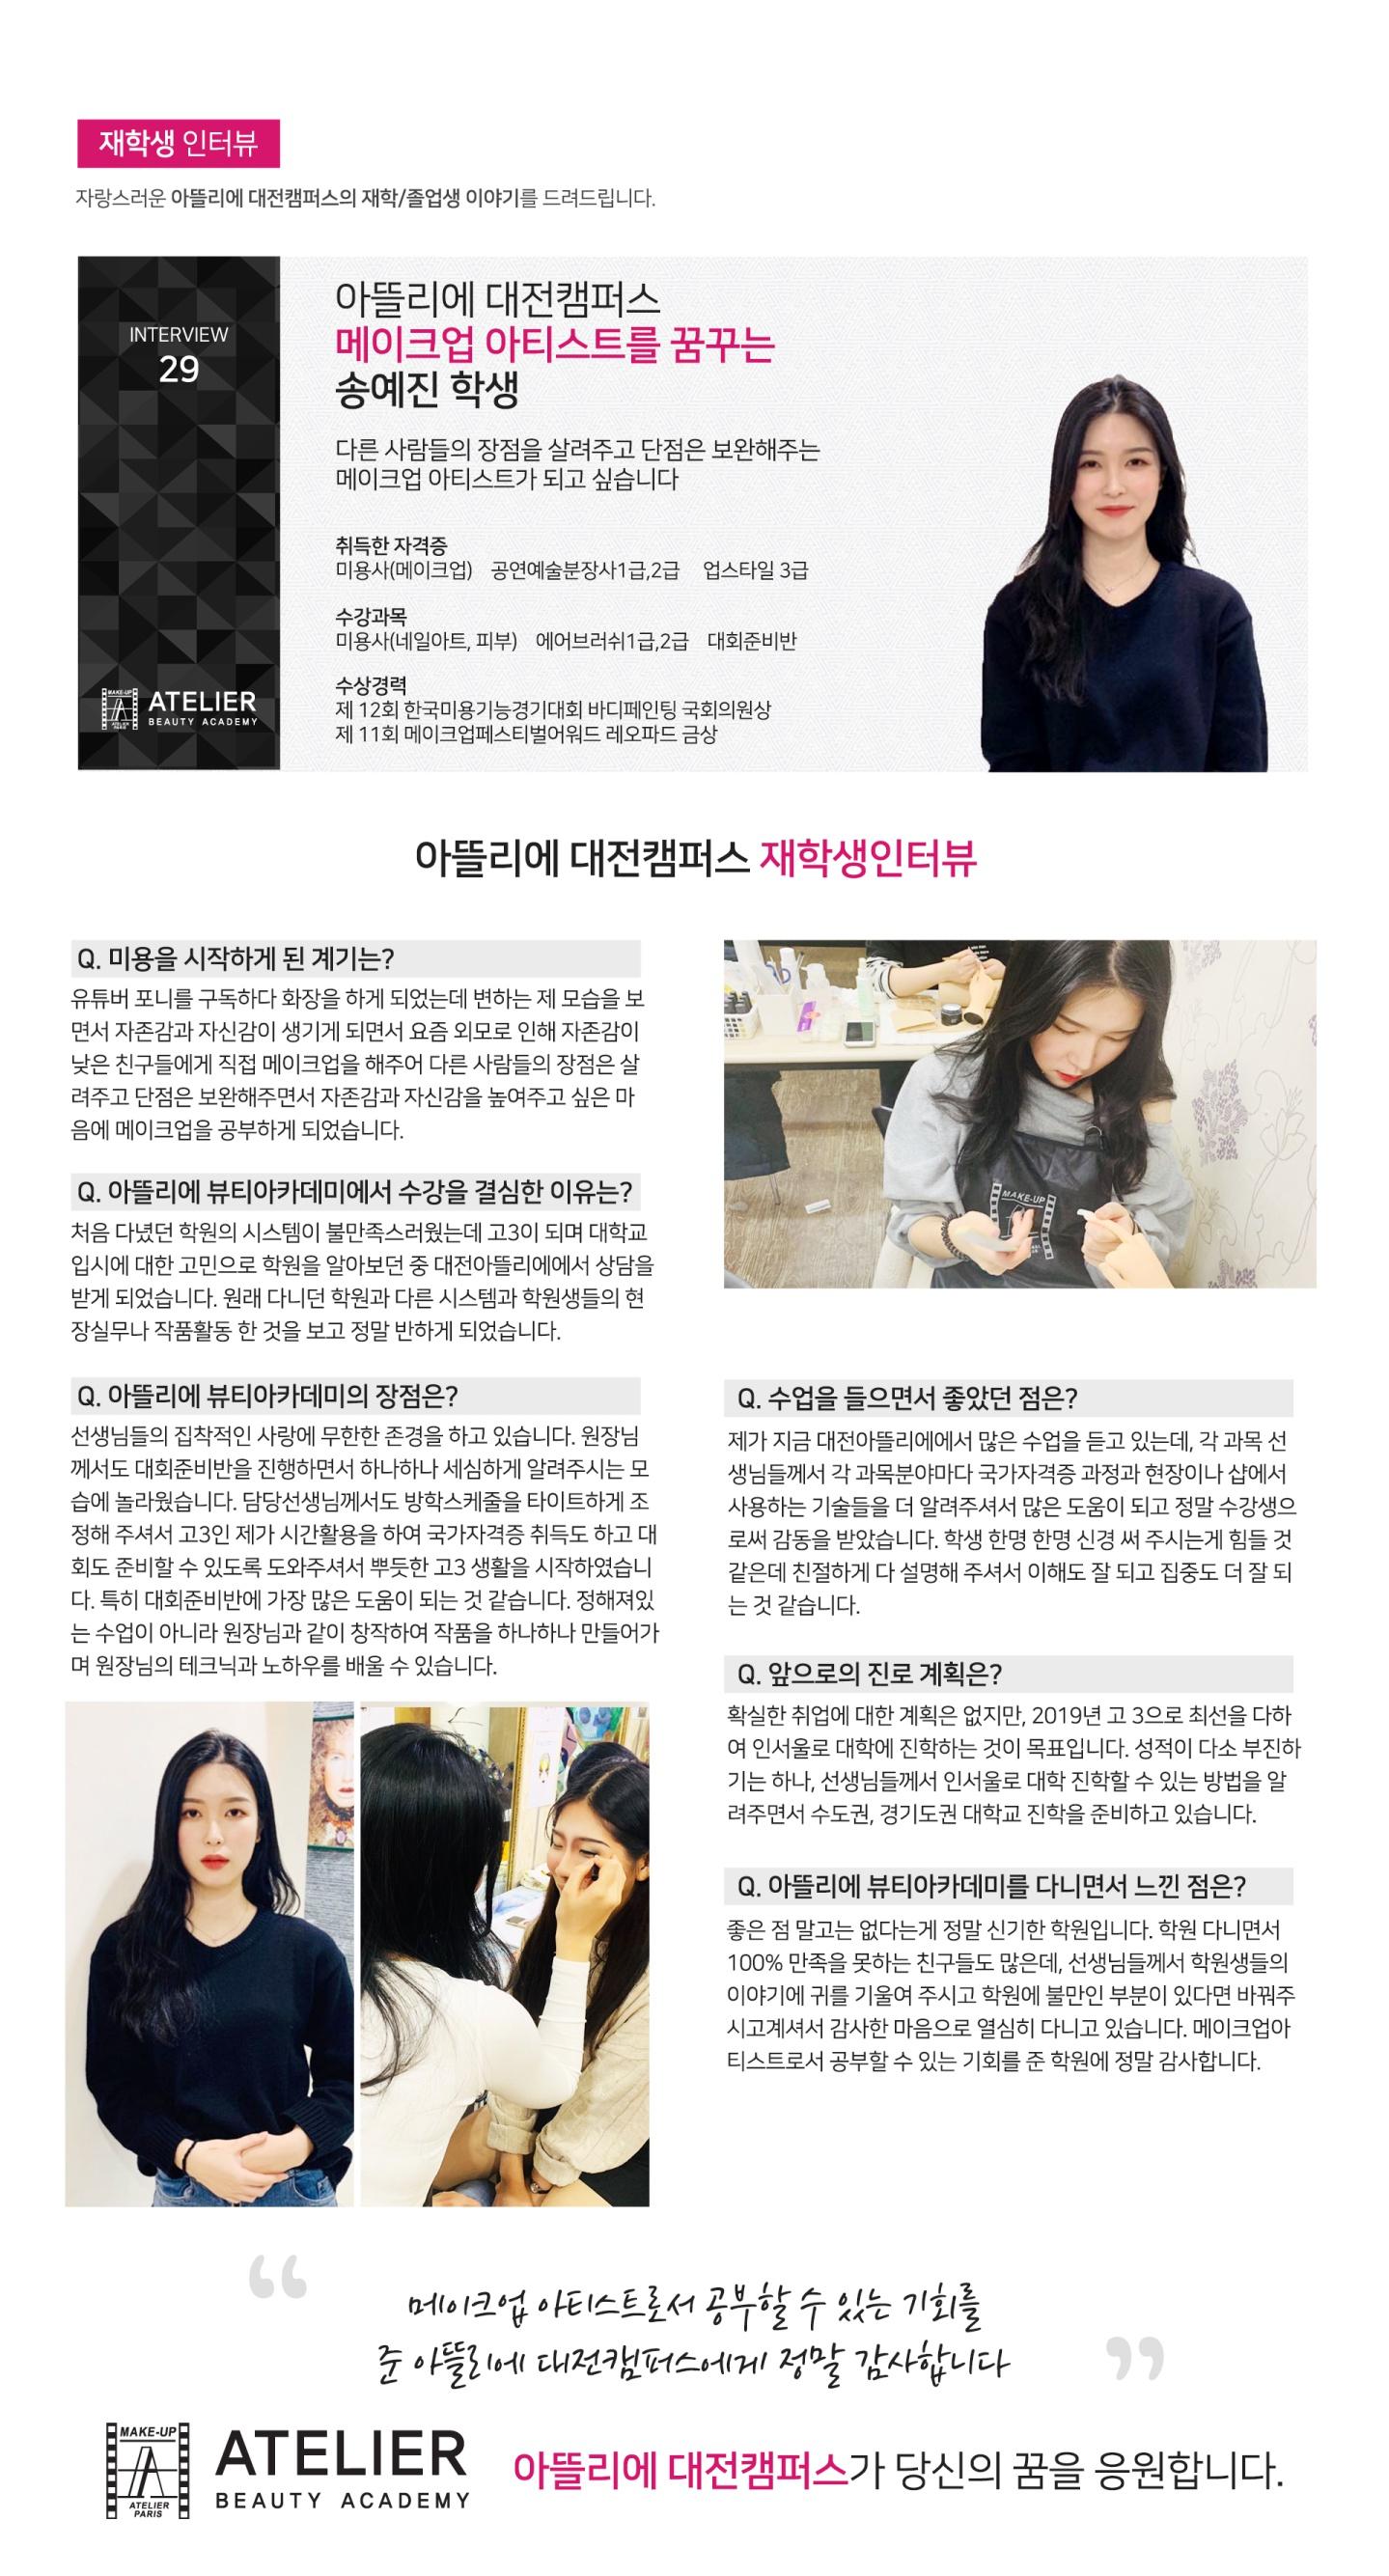 송예진 학생   후기